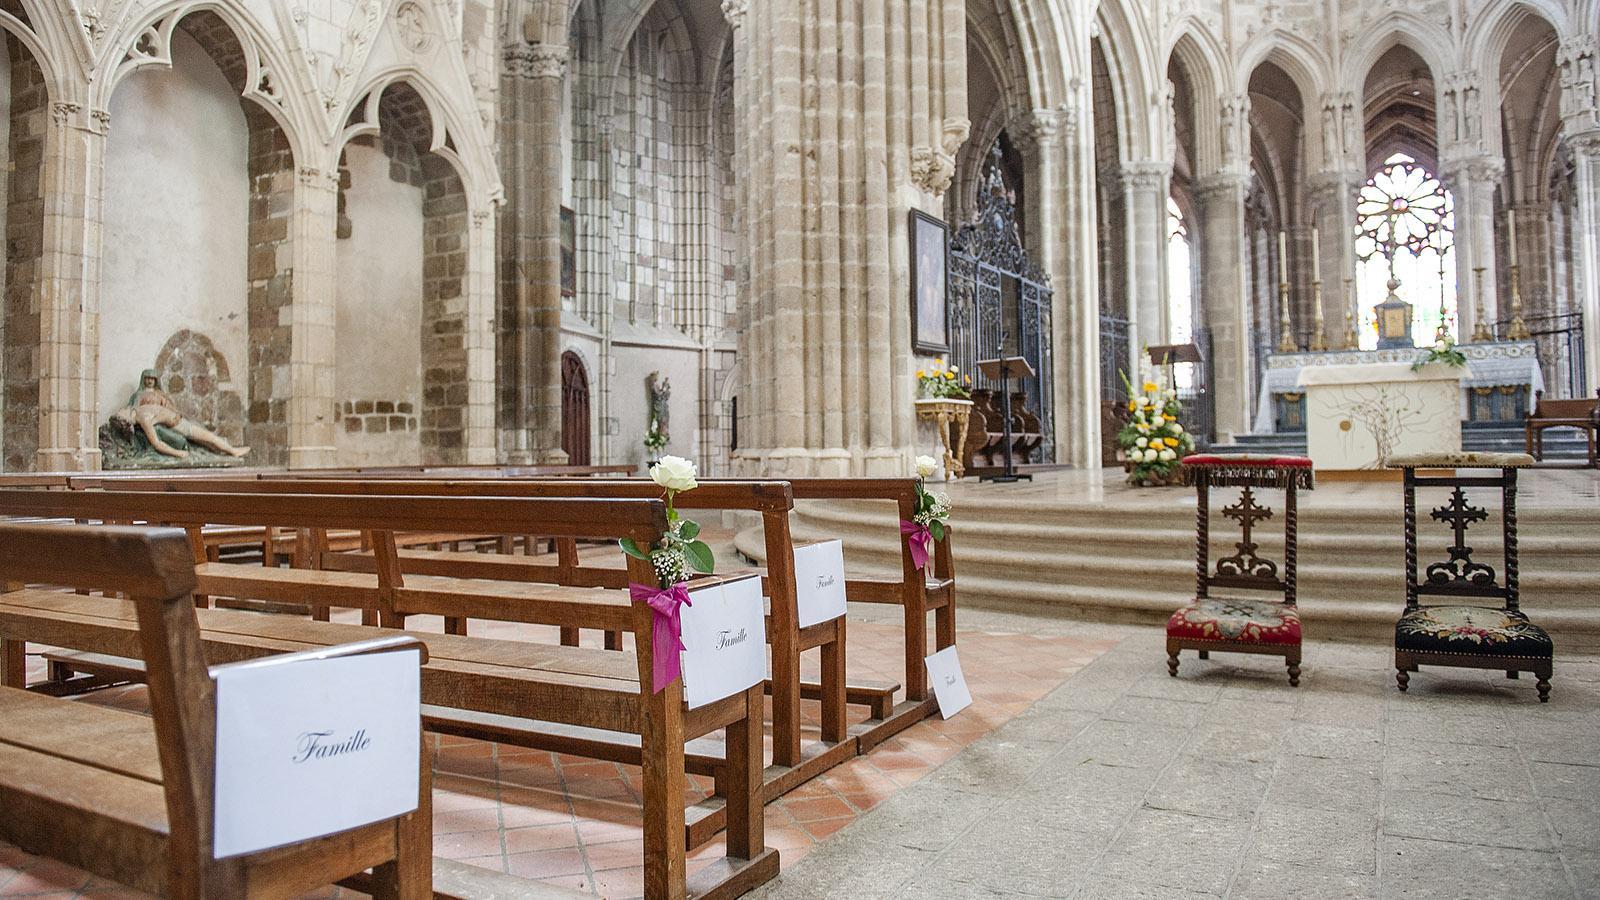 L'abbaye Notre-Dame de l'Épine d'Évron: feingemacht für eine Hochzeit. Foto: Hilke Maunder